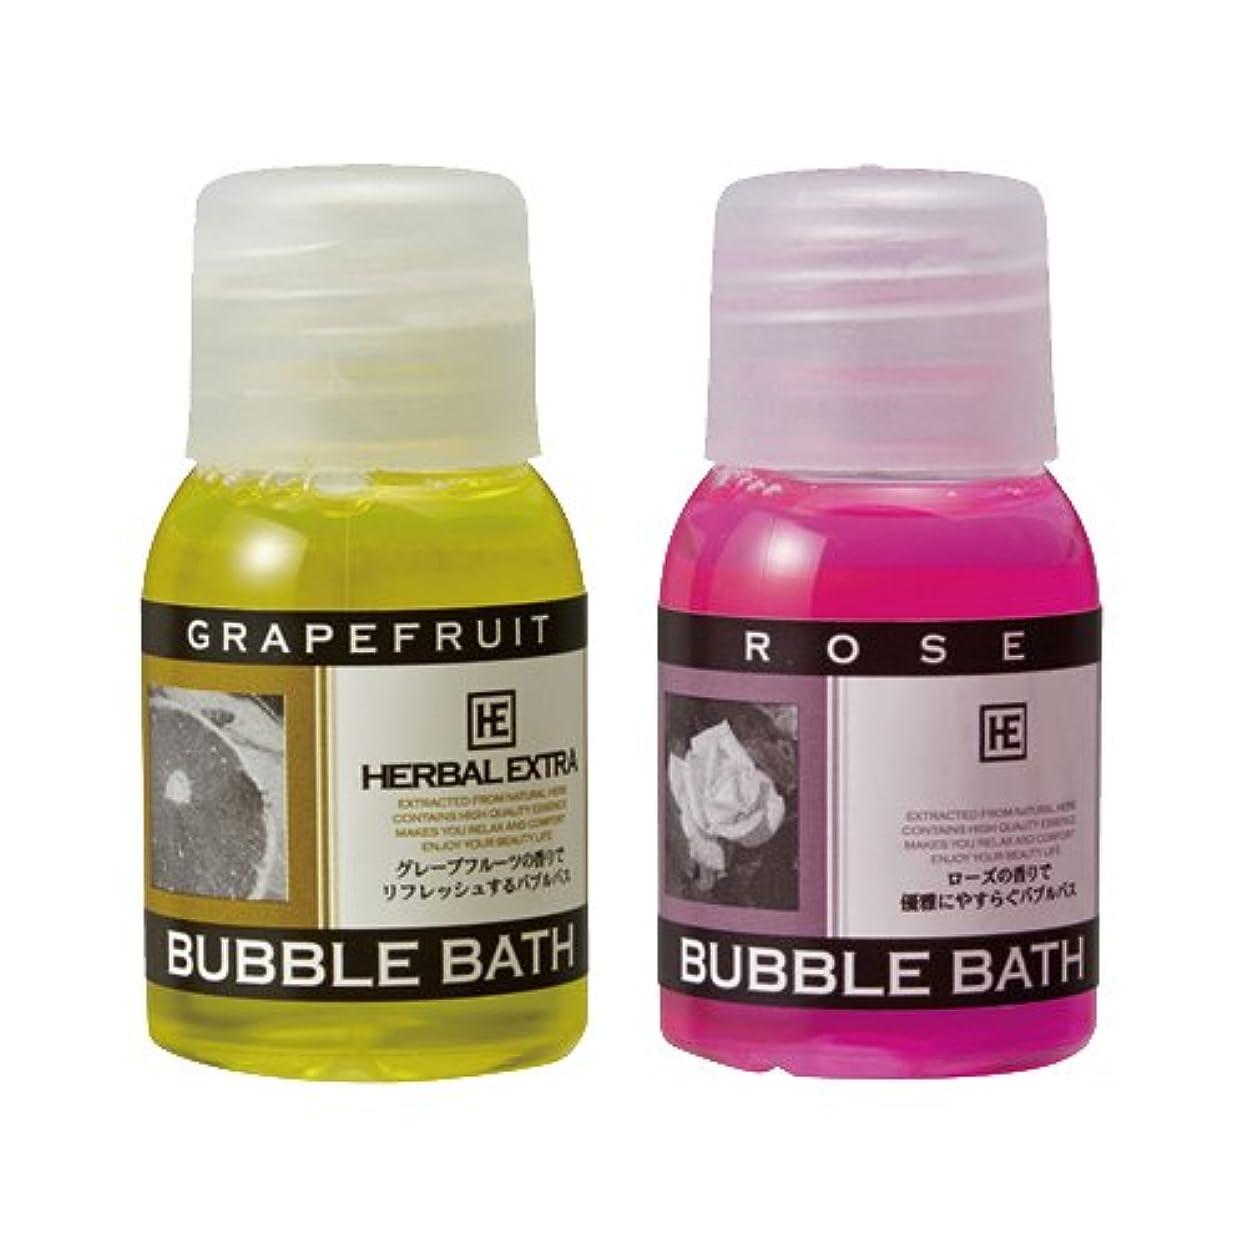 サイバースペーススポーツの試合を担当している人で出来ているハーバルエクストラ バブルバス ミニボトル × おまかせアソート10個セット - ホテルアメニティ 業務用 発泡入浴剤 (BUBBLE BATH)